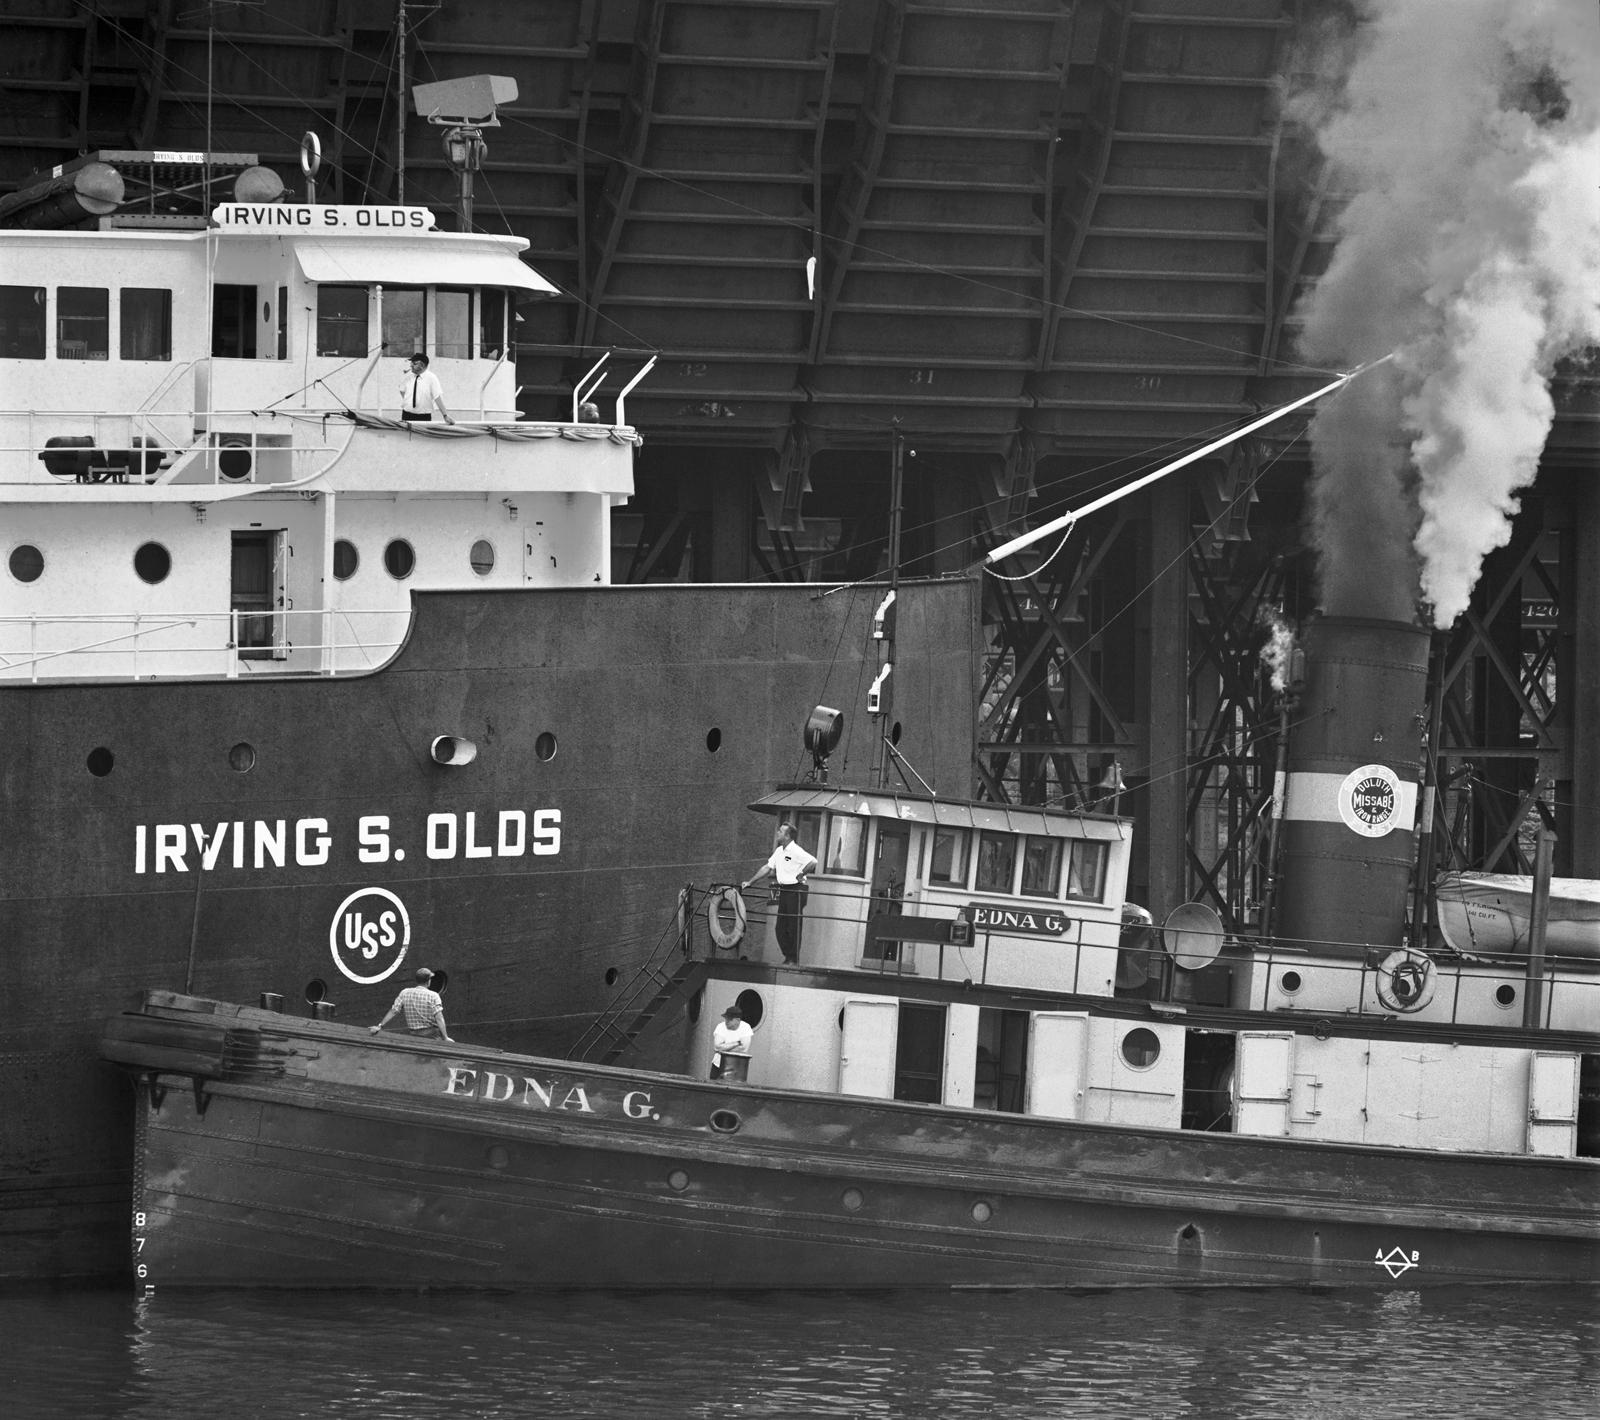 Tug Edna G. Undocking Steamer Irving S. Olds, Two Harbors, Minnesota,1968